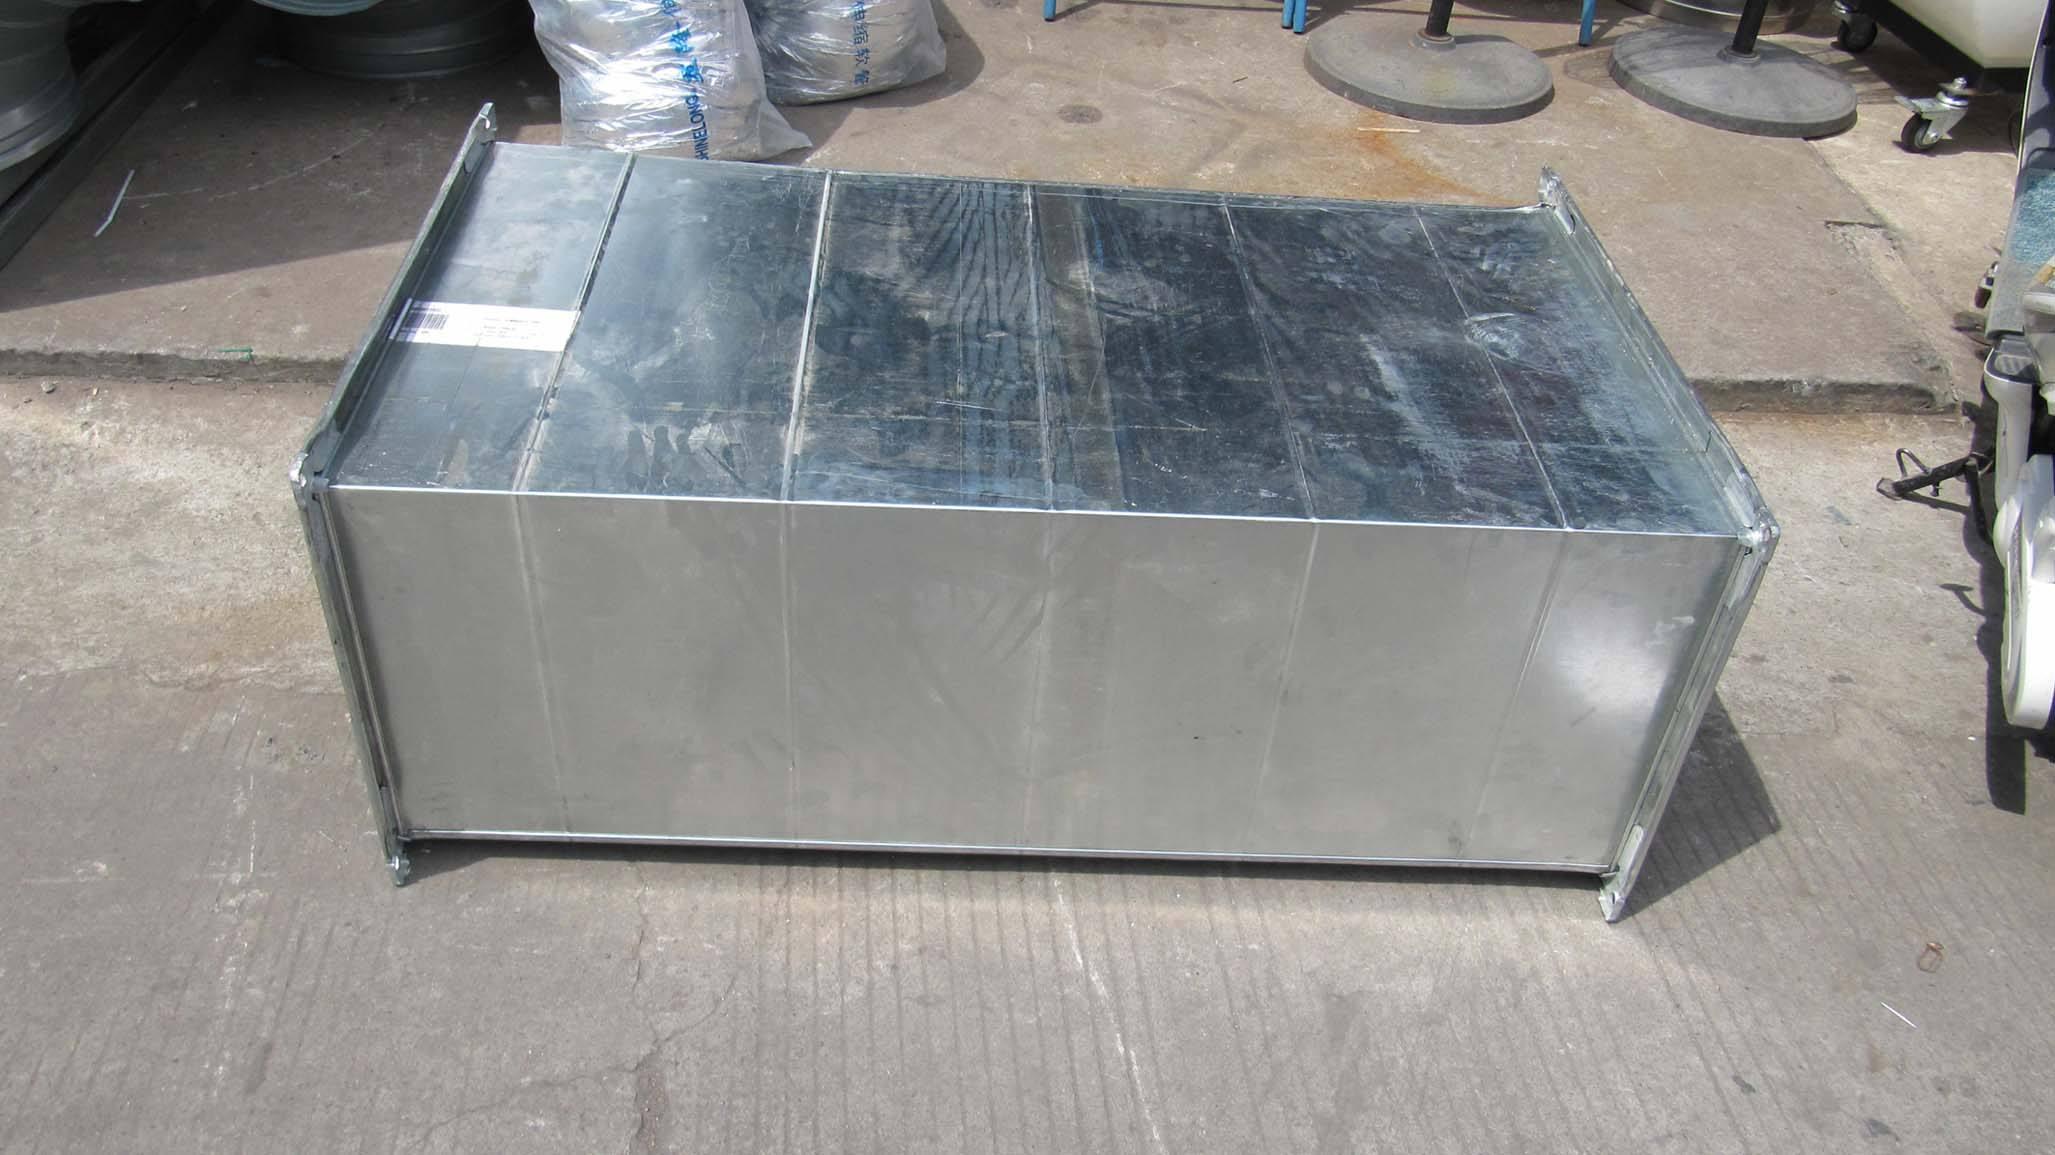 毕节不锈钢通风管 毕节不锈钢通风管加工 毕节不锈钢通风管制作 支持定制